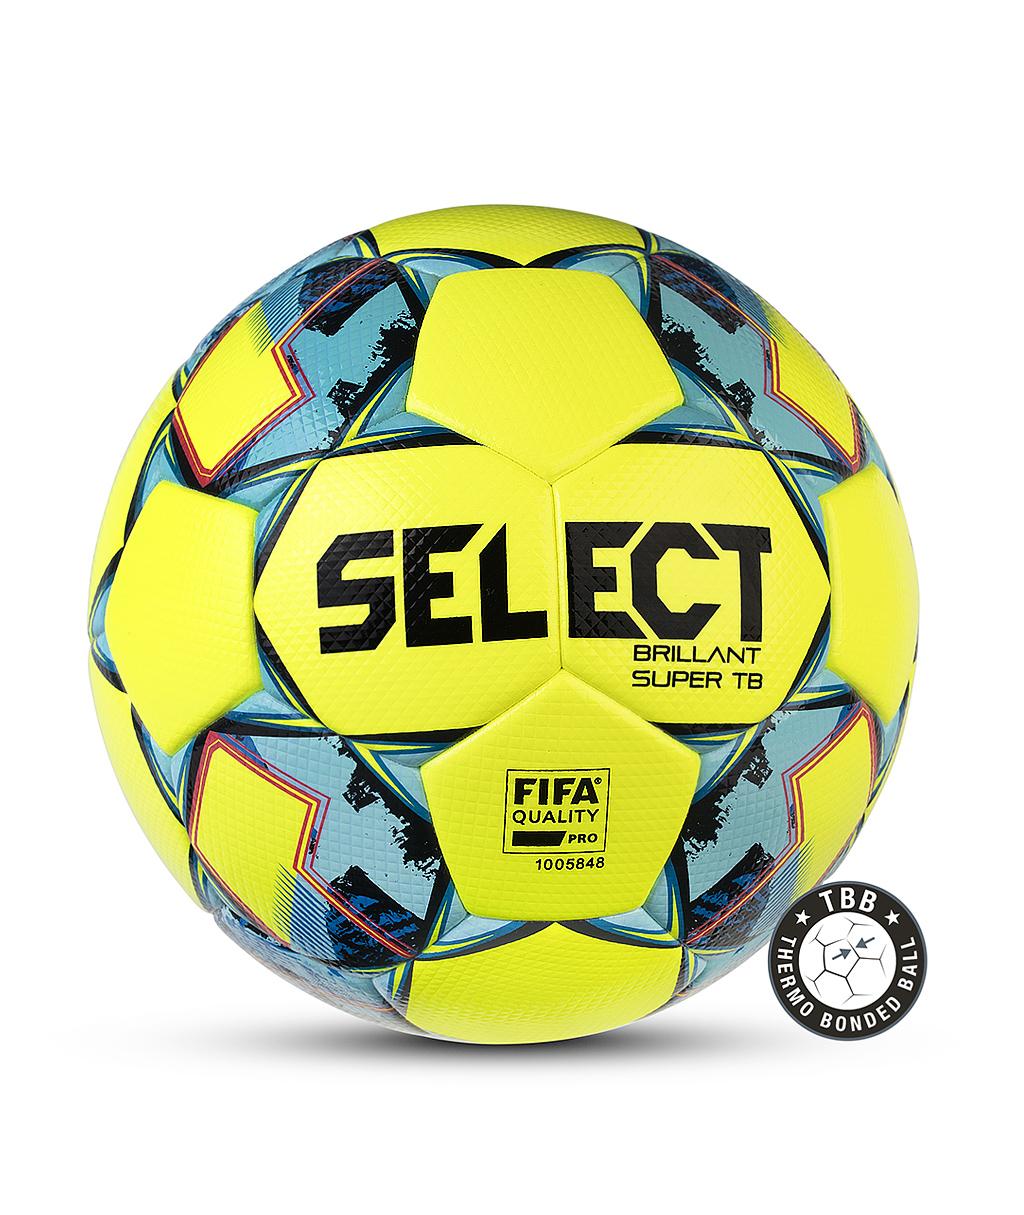 Купить мяч Select Brillant Super FIFA TB V21 810316-152 жёлтый в интернет-магазине